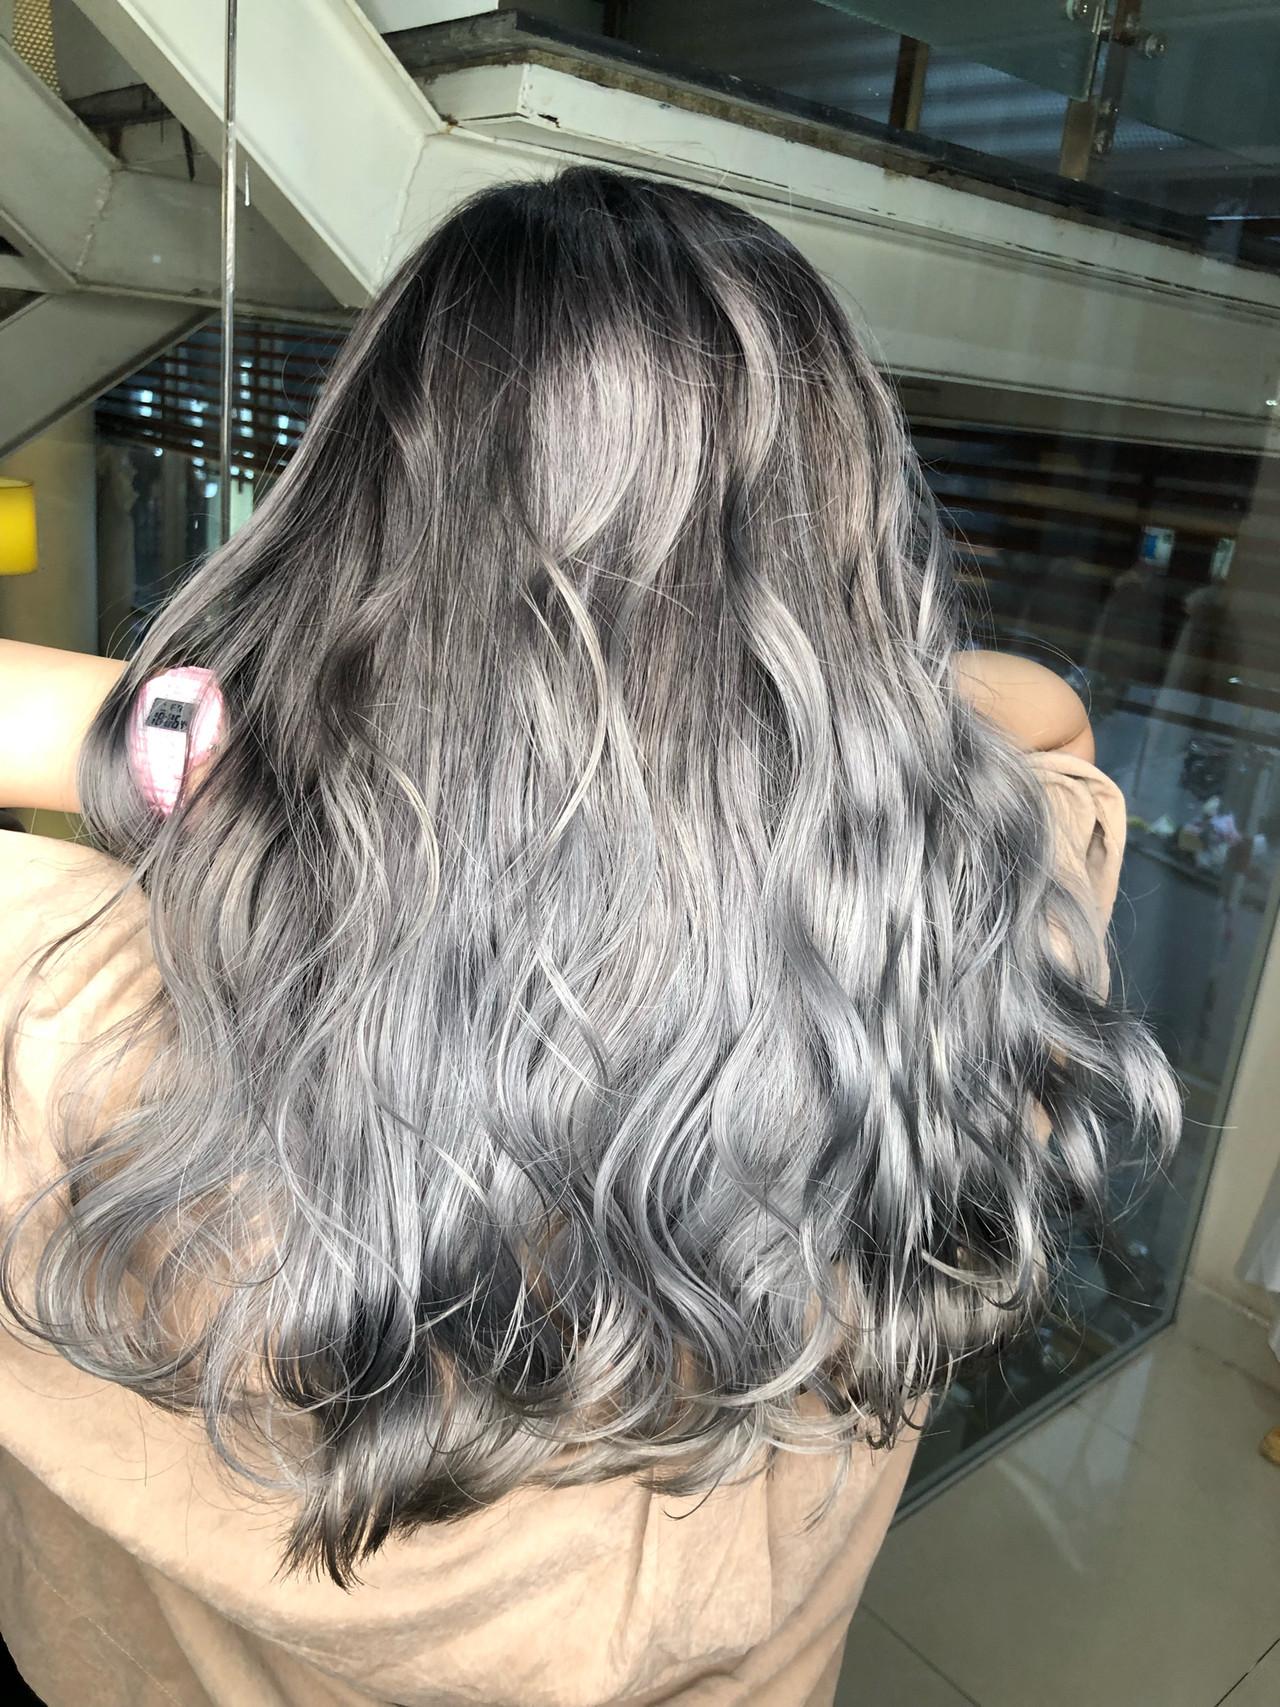 グラデーションカラー セミロング ストリート シルバー ヘアスタイルや髪型の写真・画像